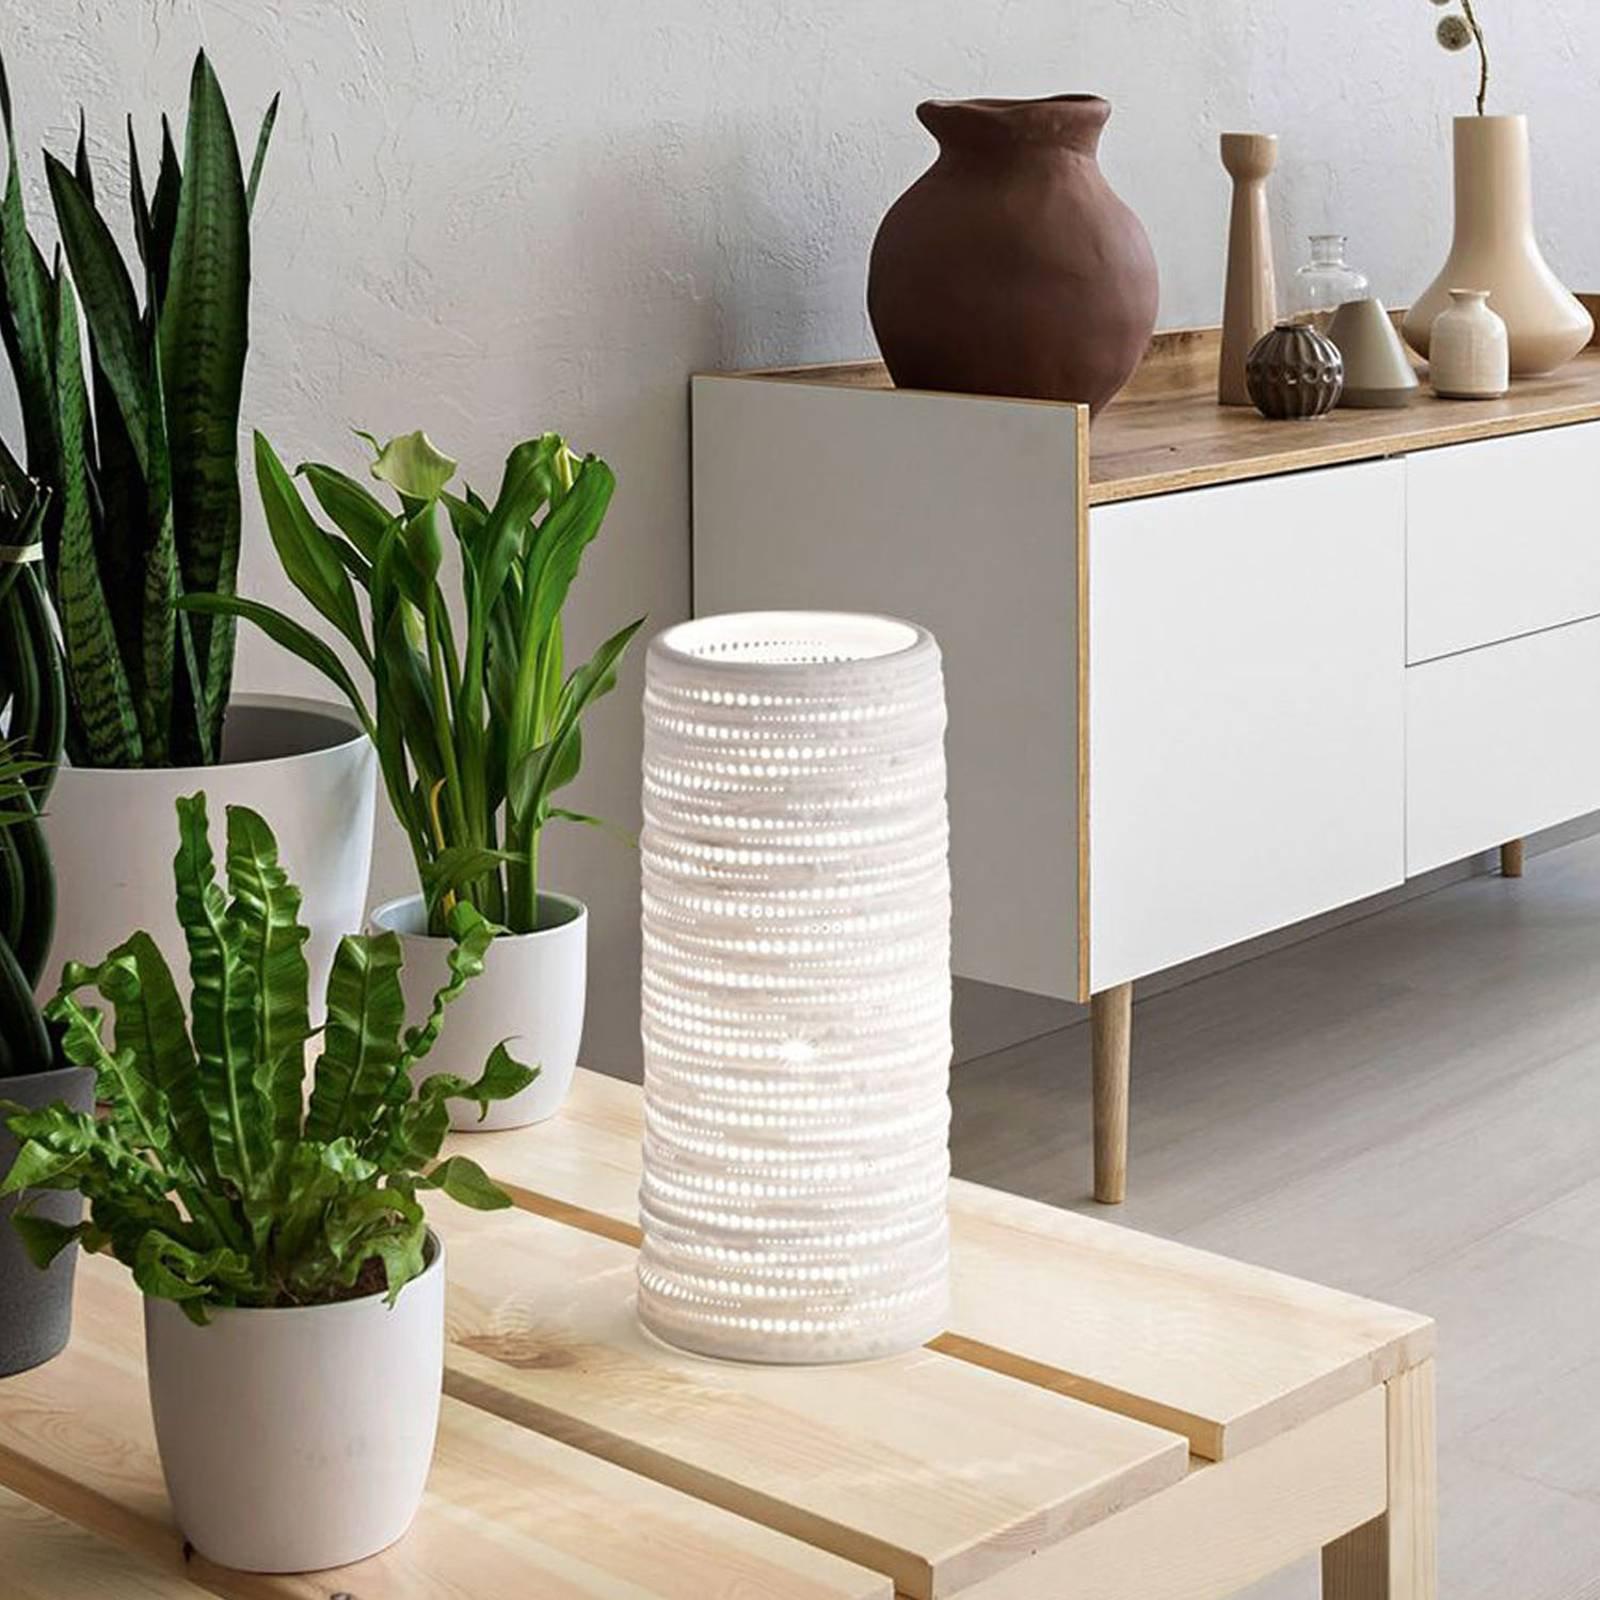 Bordlampe Marbella av keramikk, høyde 25 cm